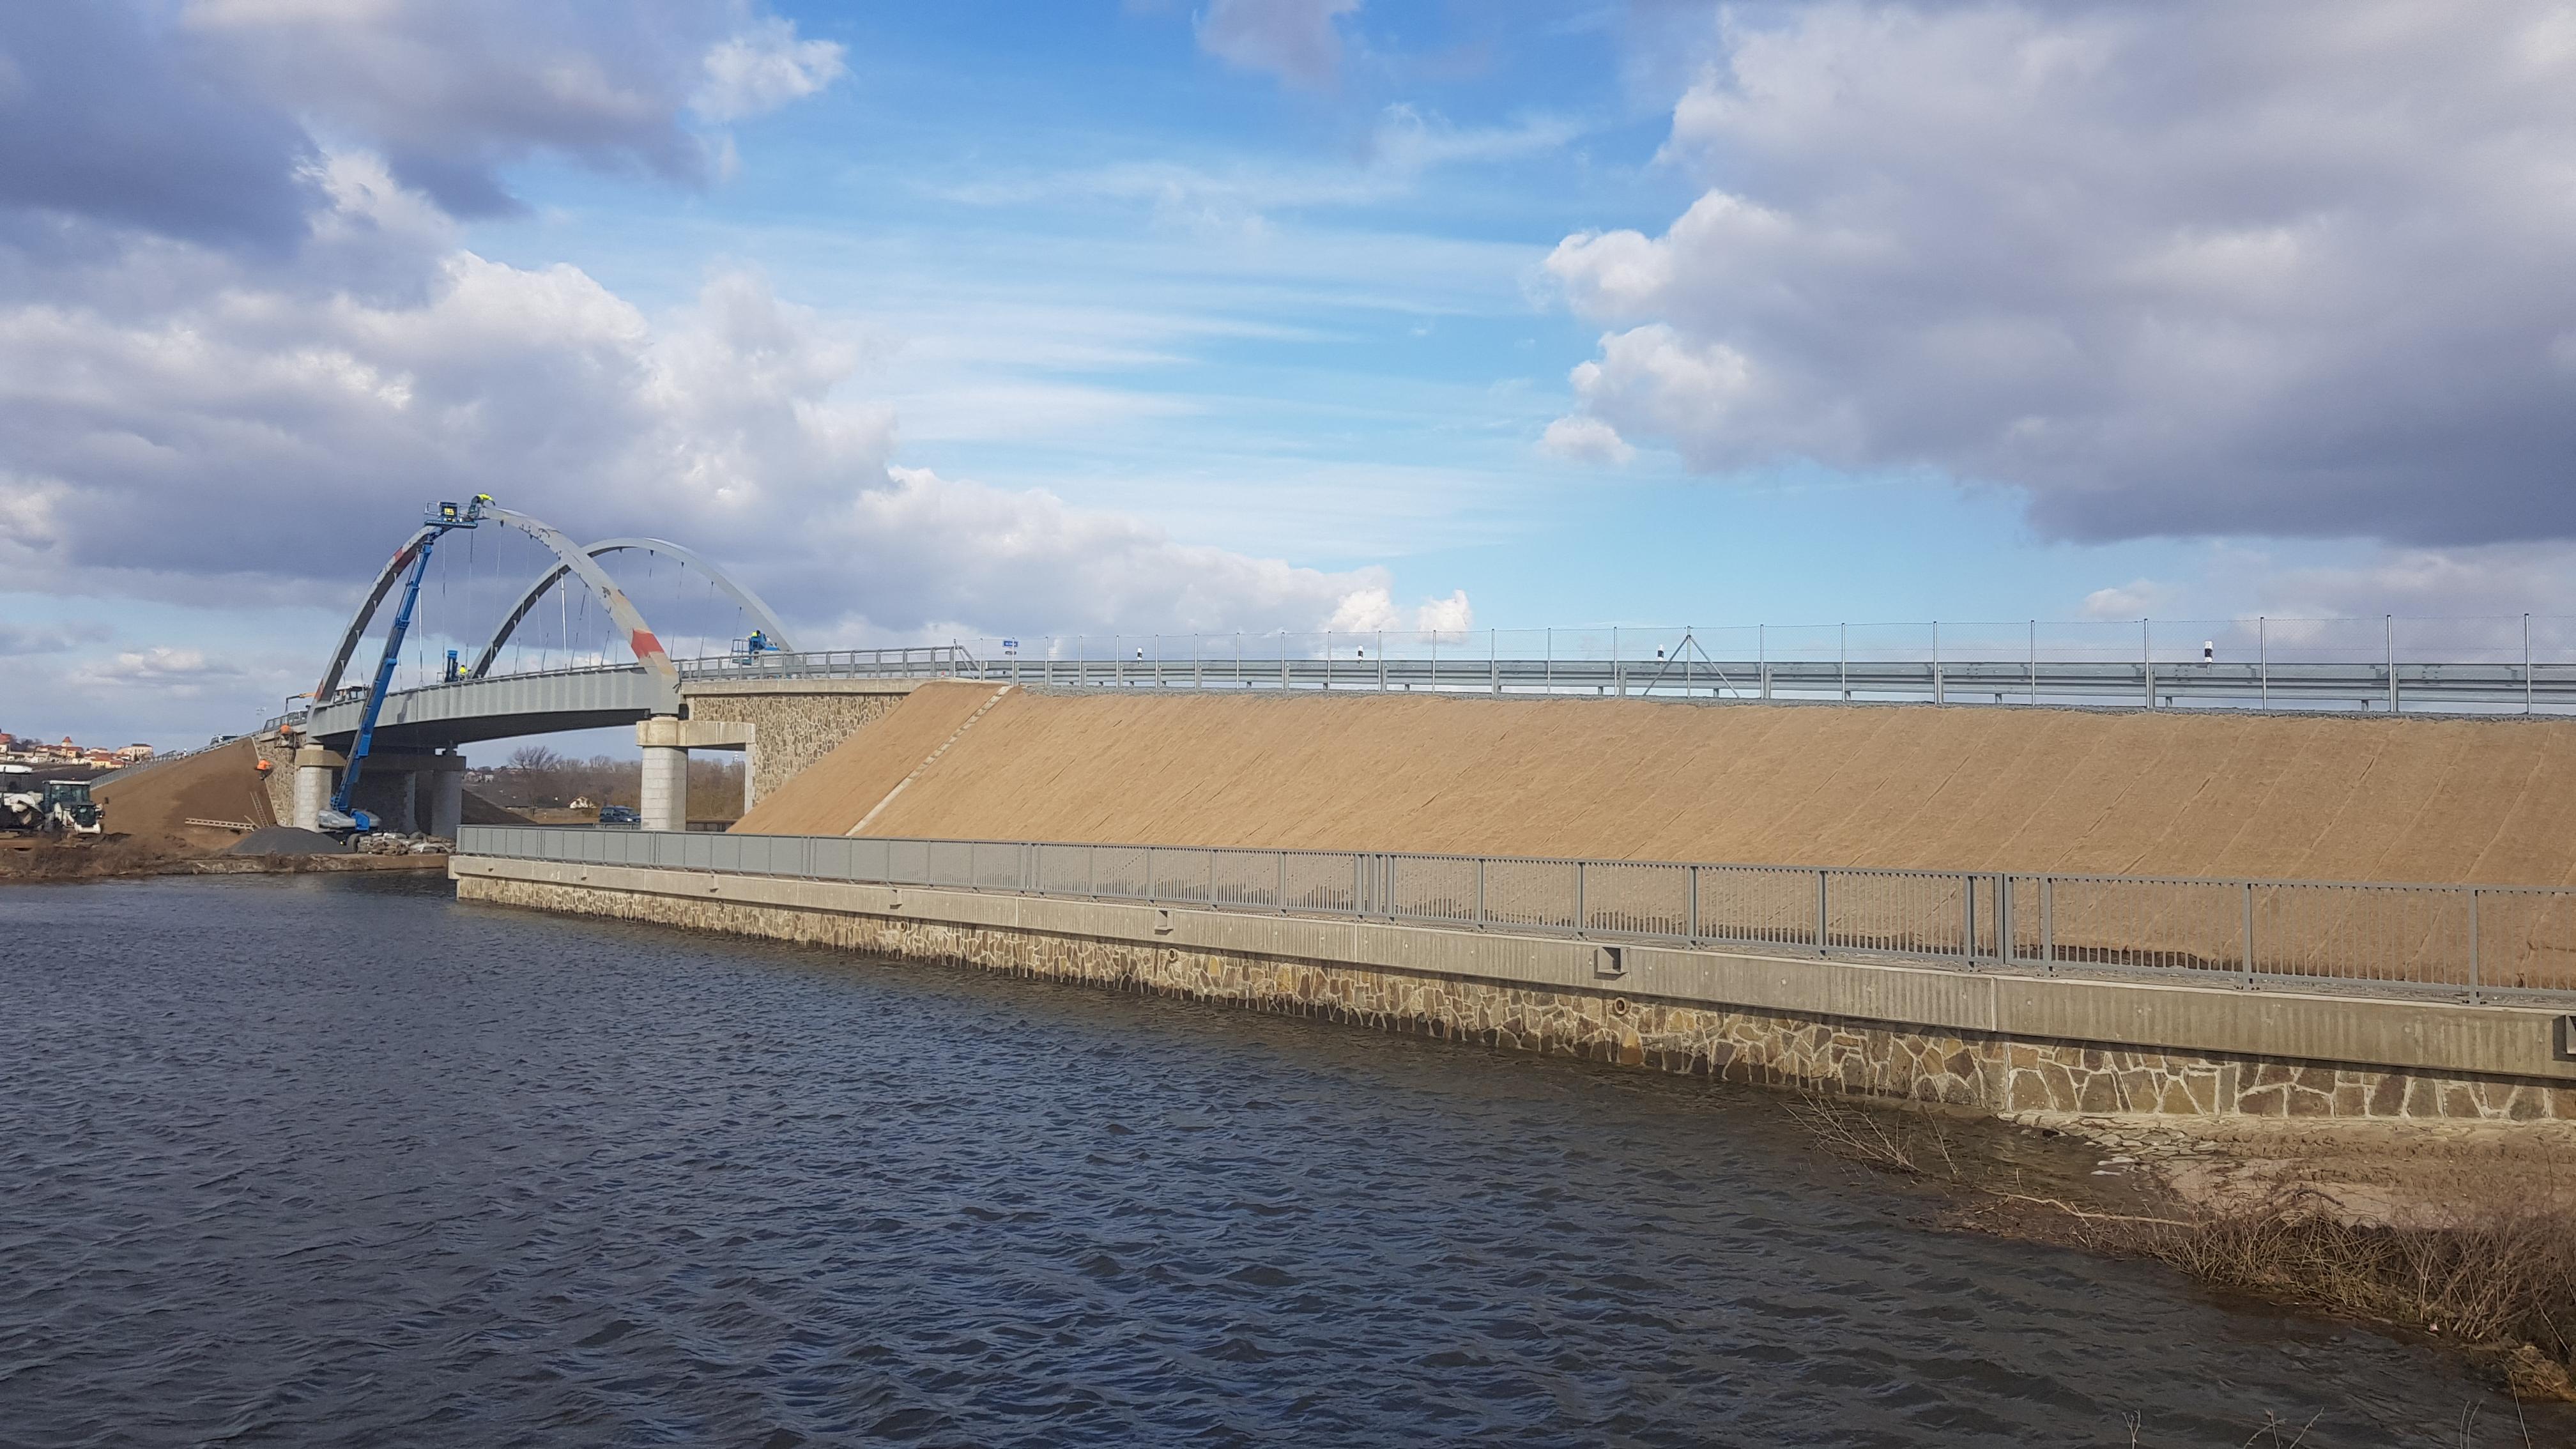 Na-posledni-novy-most-pres-plavebni-kanal-Vranany-Horin-vyjela-auta1.jpg